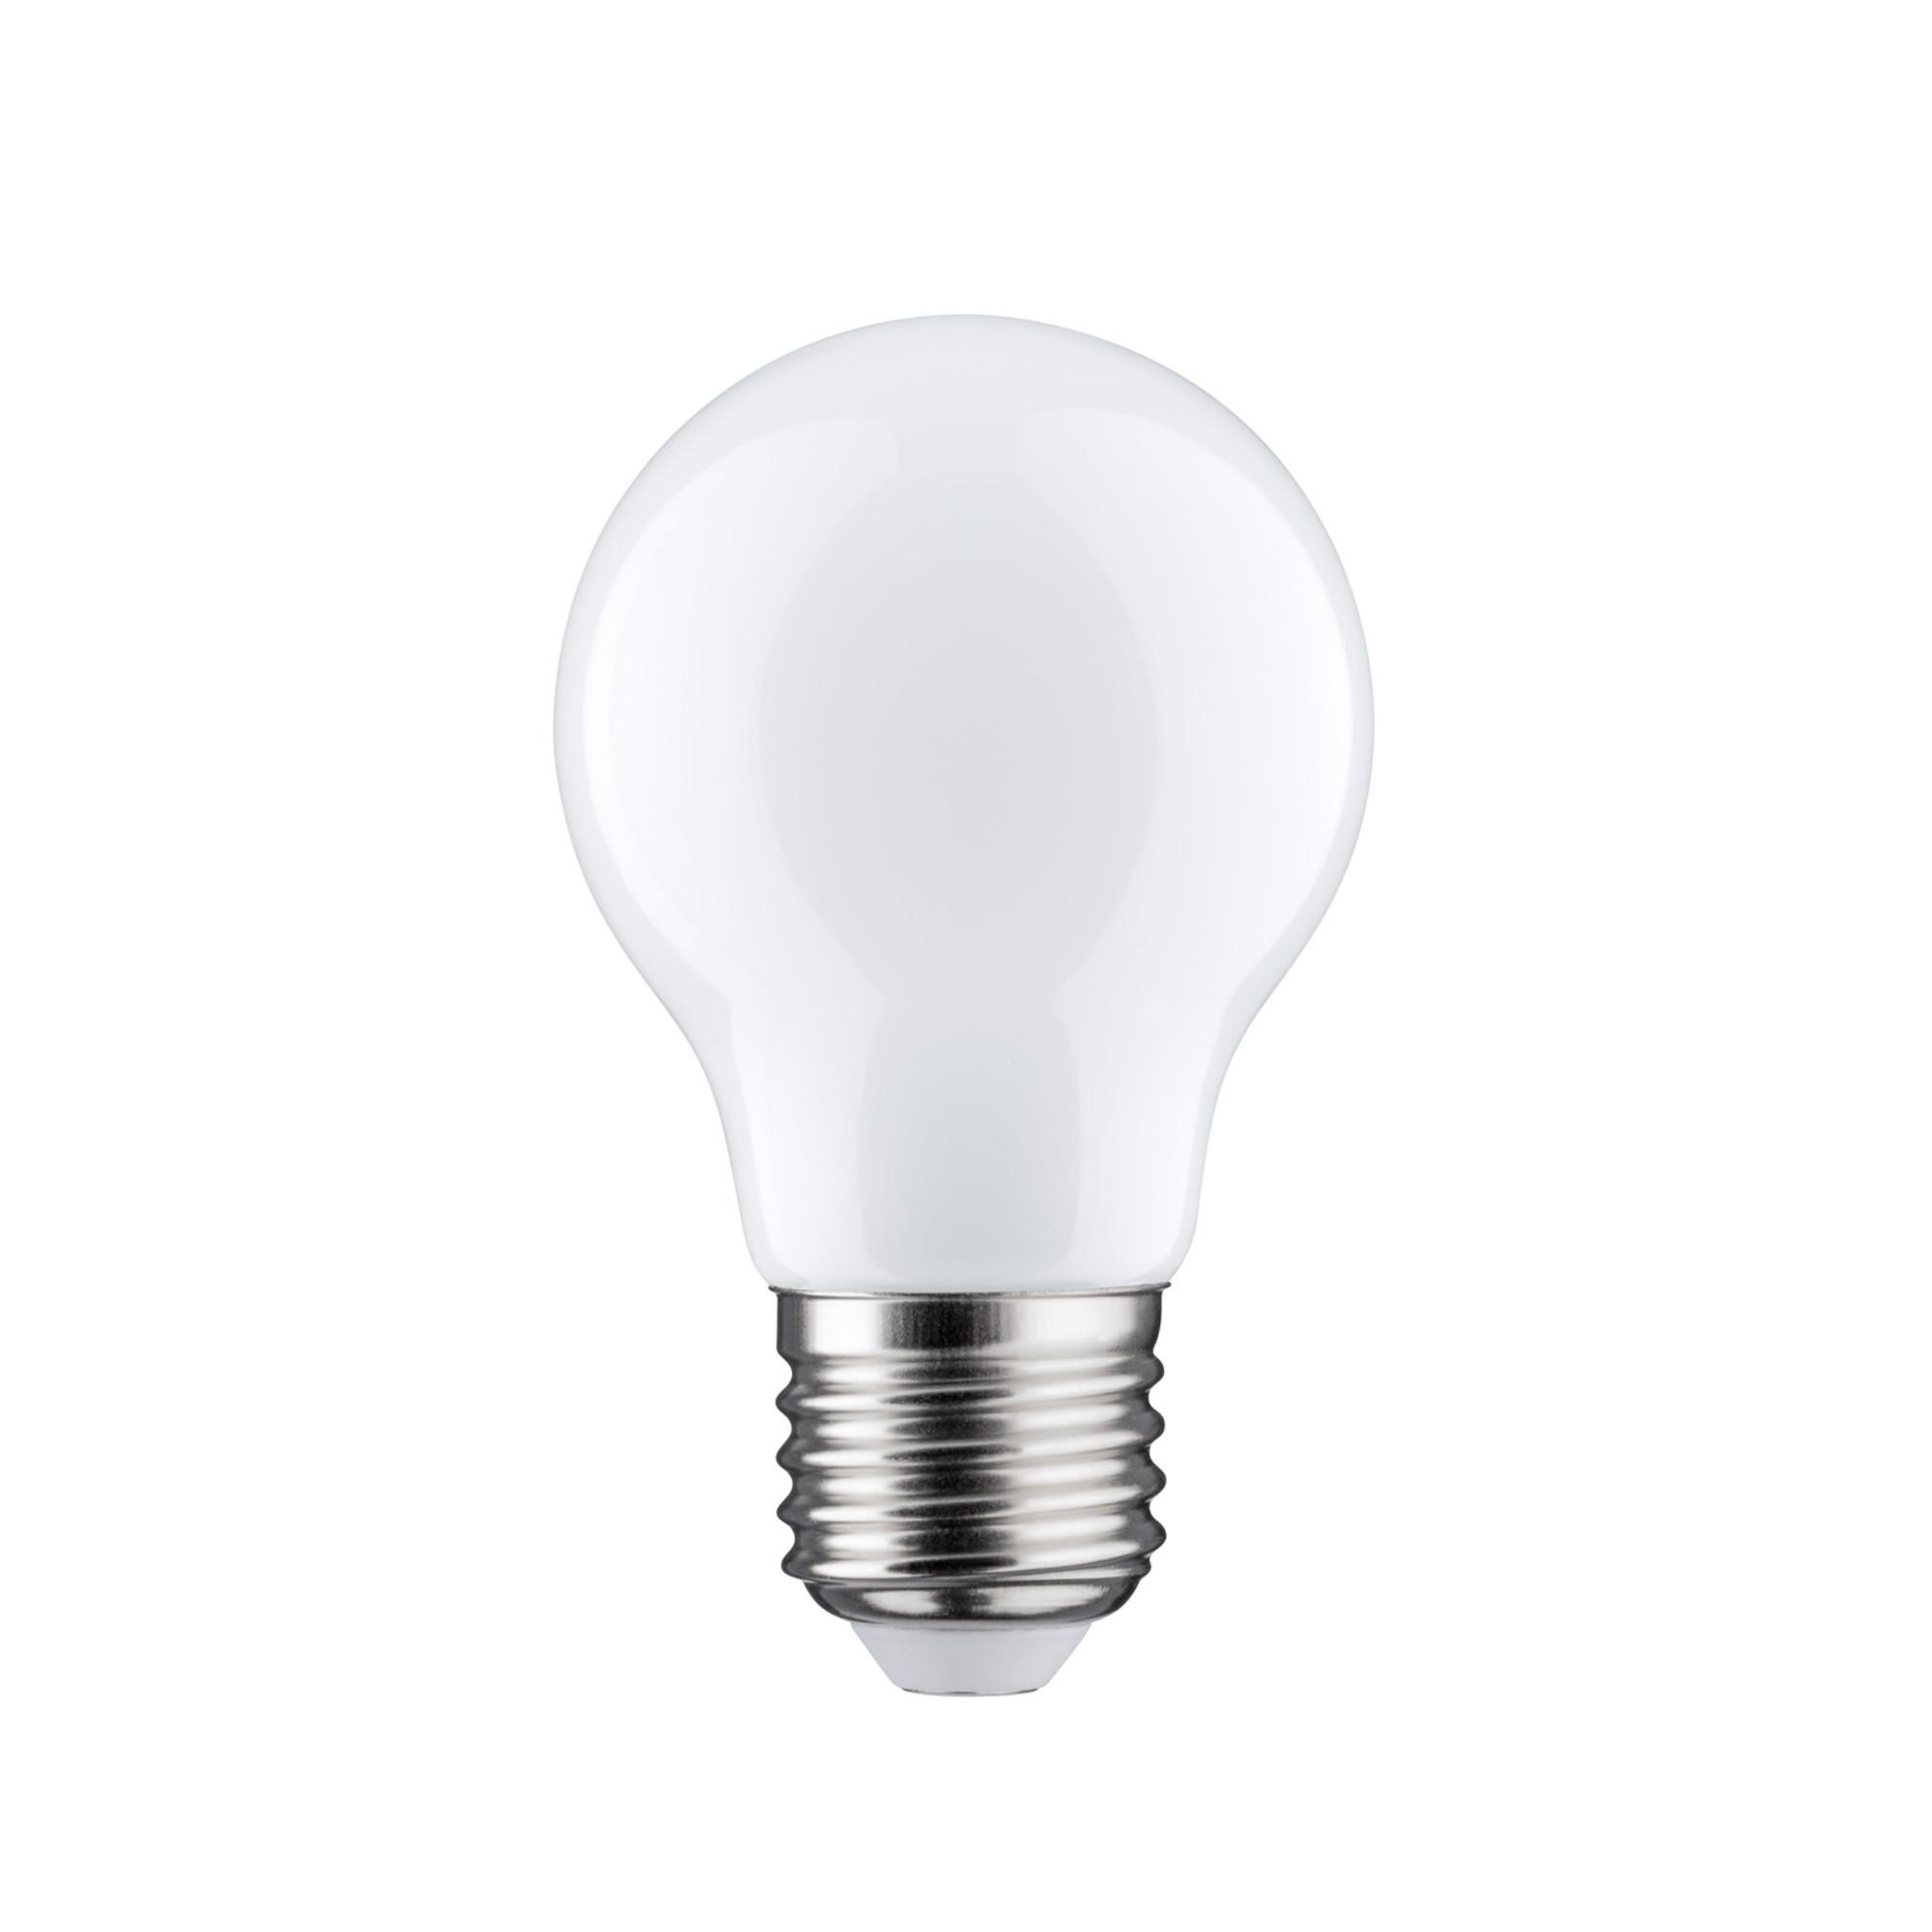 Лампа Paulmann 28332 E27 430 Лм теплый свет